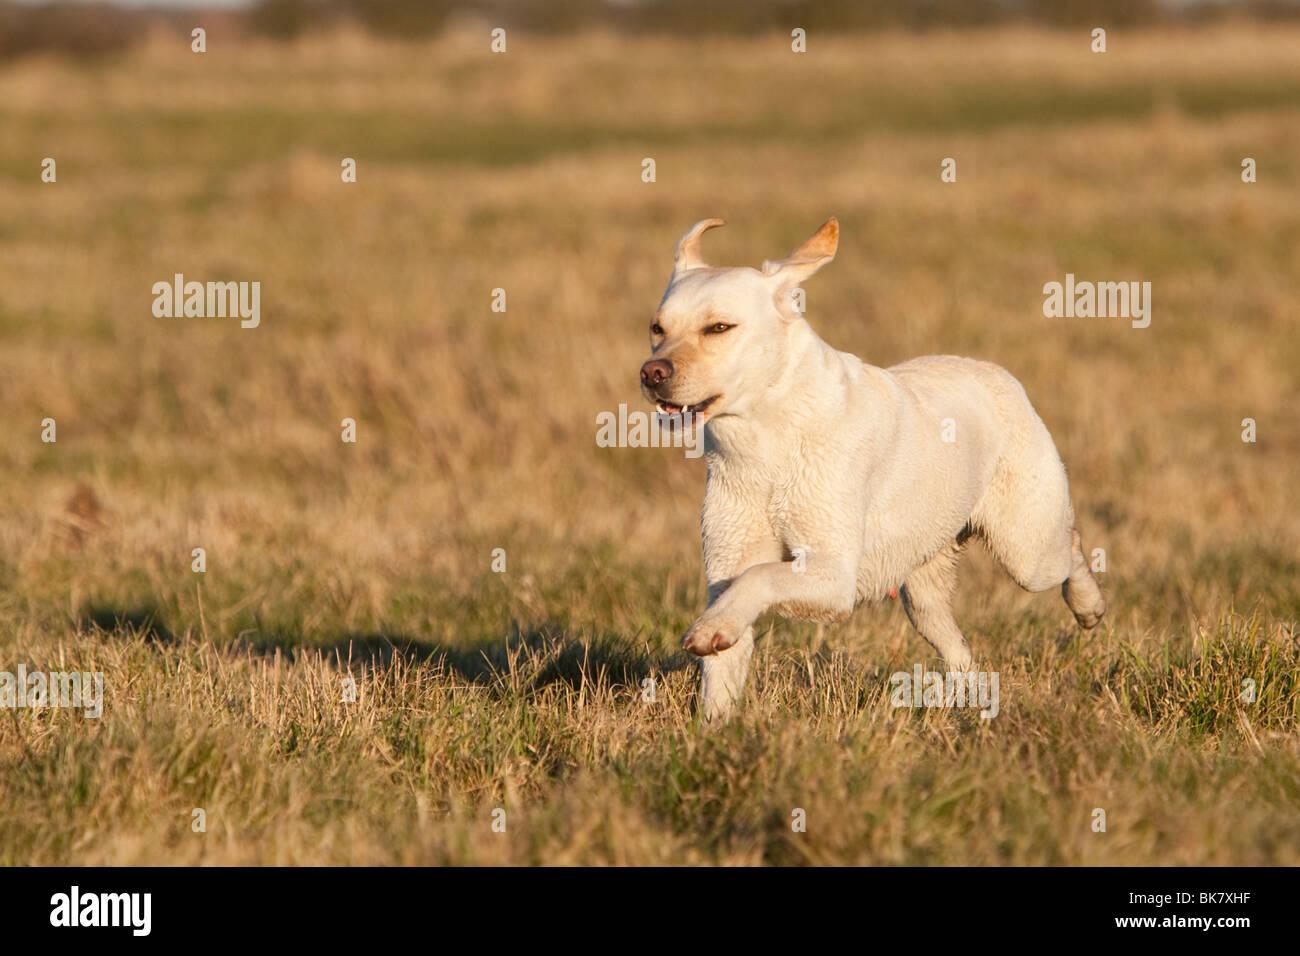 Domestic dog, Labrador Retriever - Stock Image